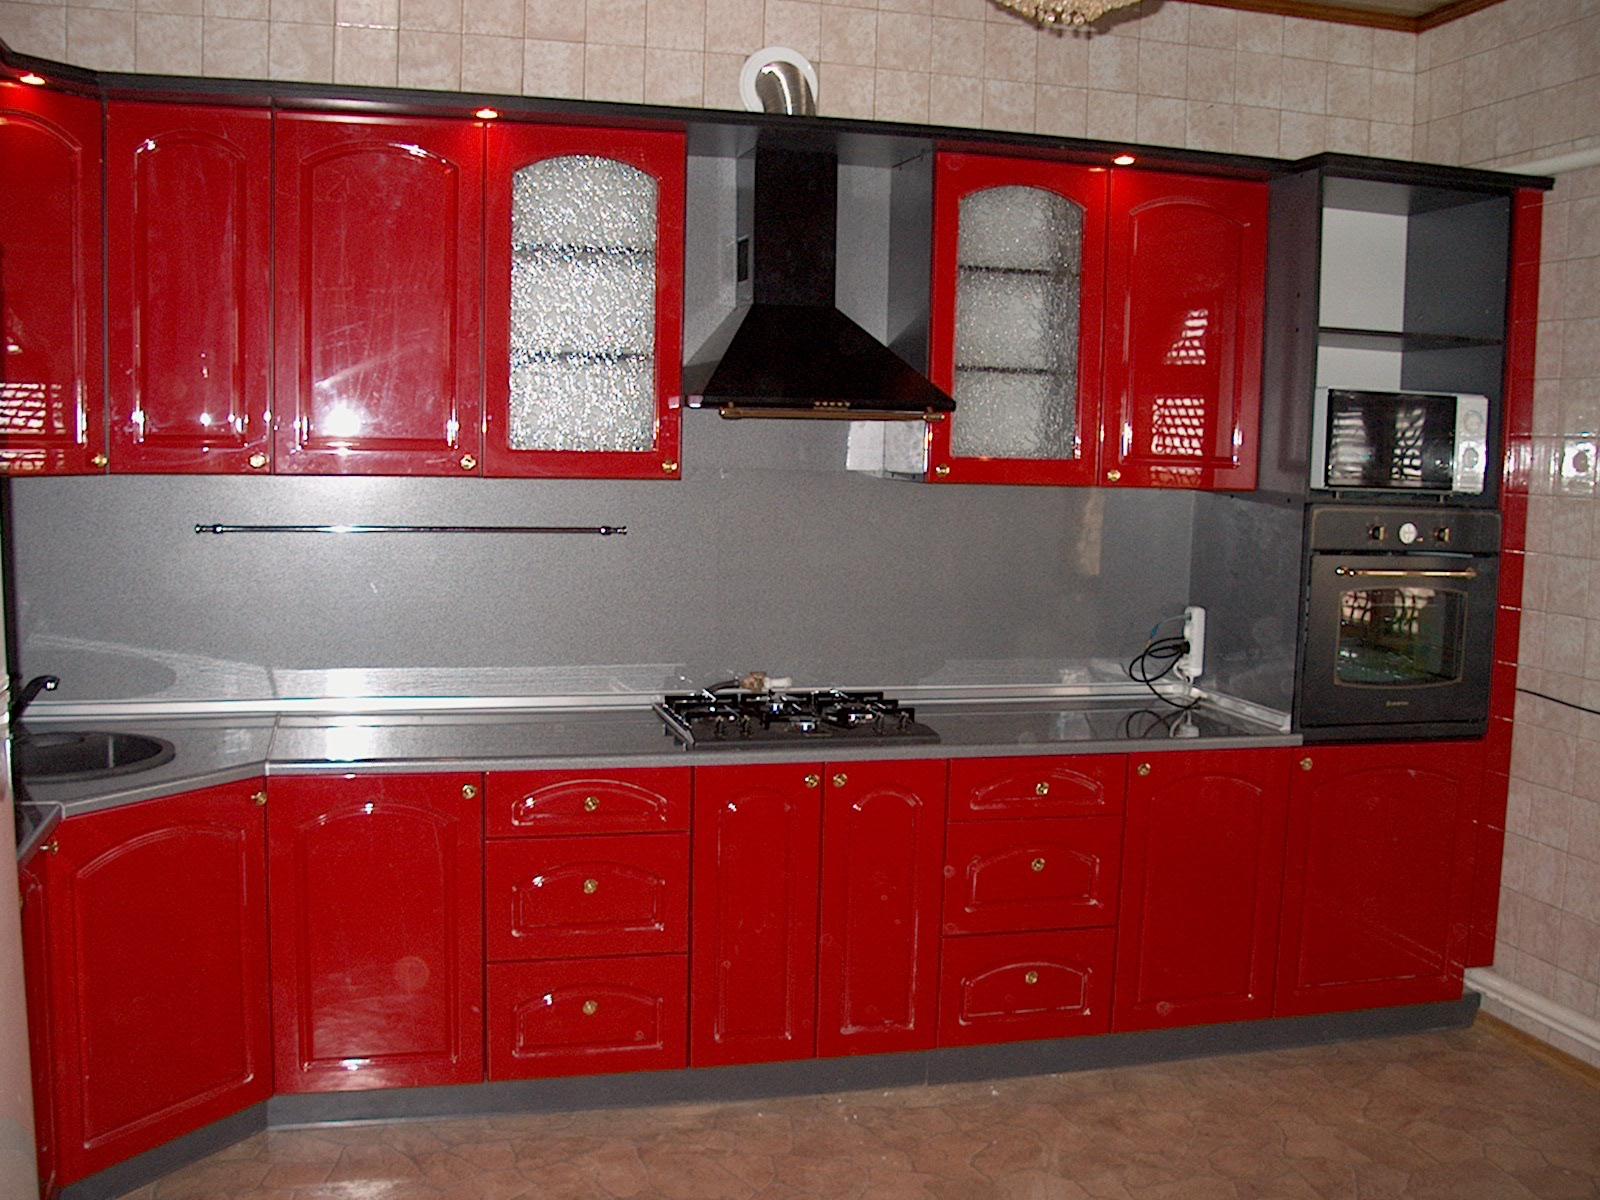 Avk - изготовление мебели под заказ в харькове. кухни.